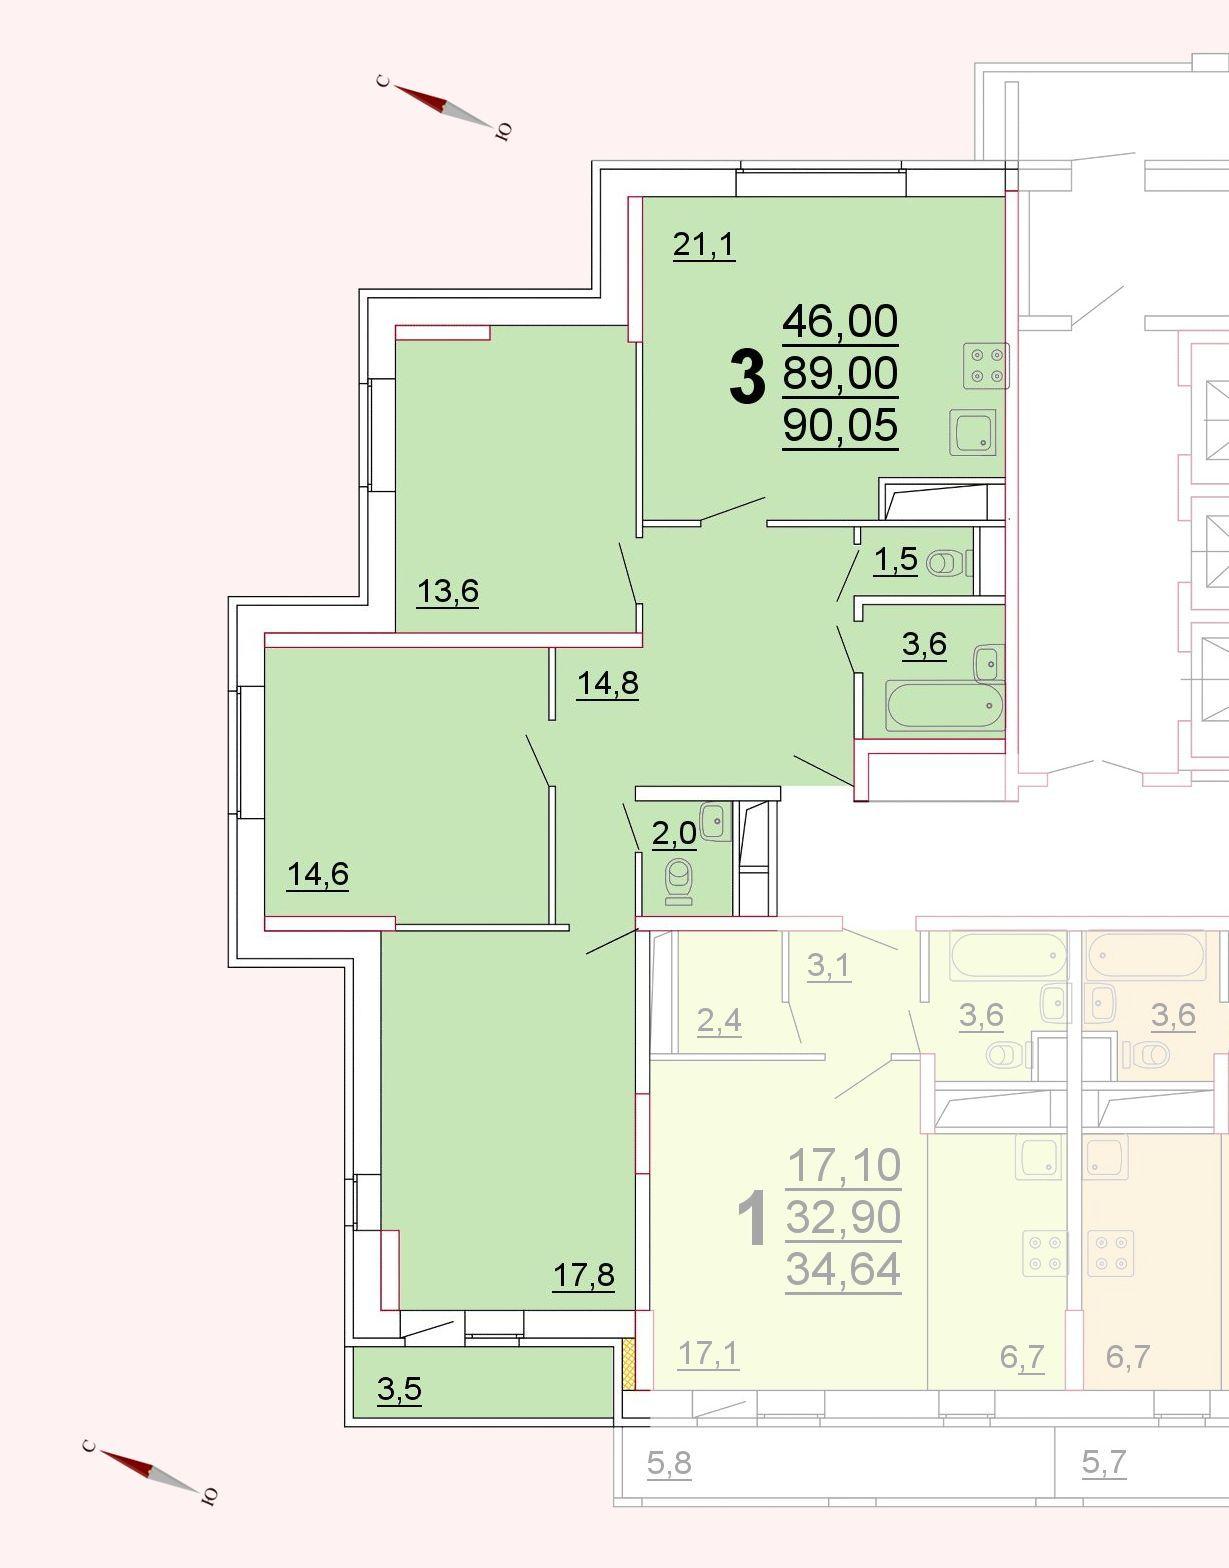 Микрорайон «Центральный», корпус 52г, секция 1, квартира 90,05 м2